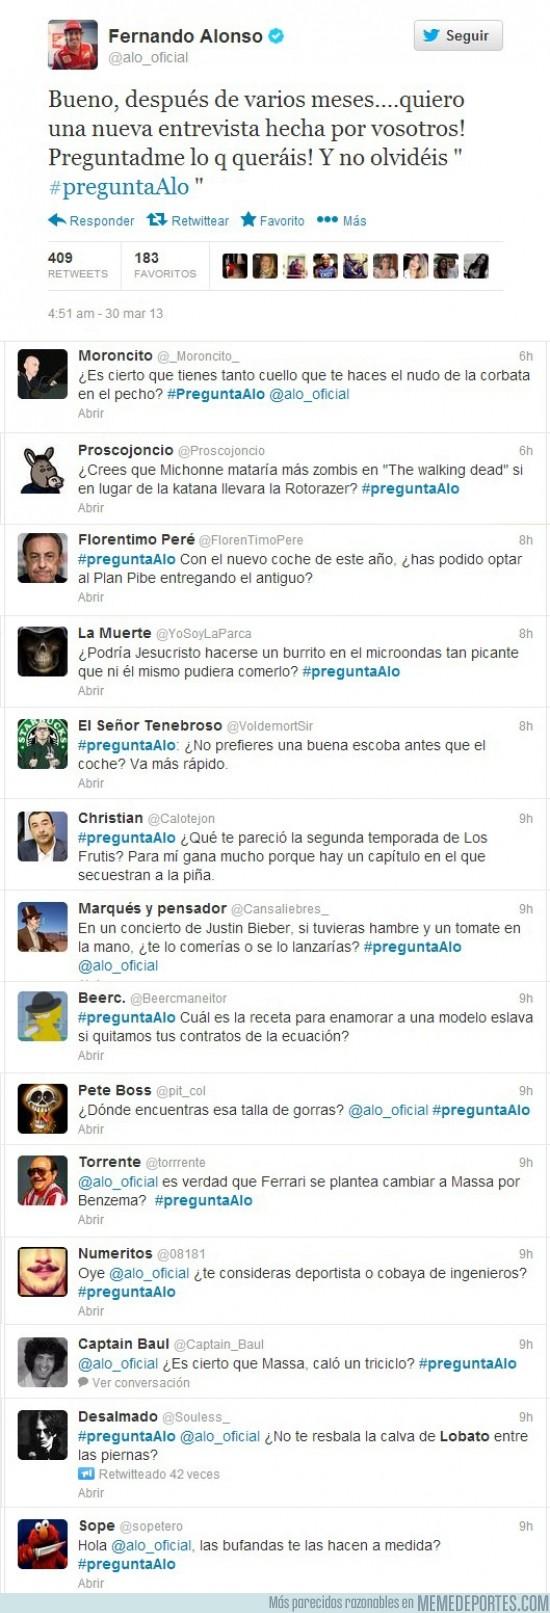 Foto: quecarallo.net